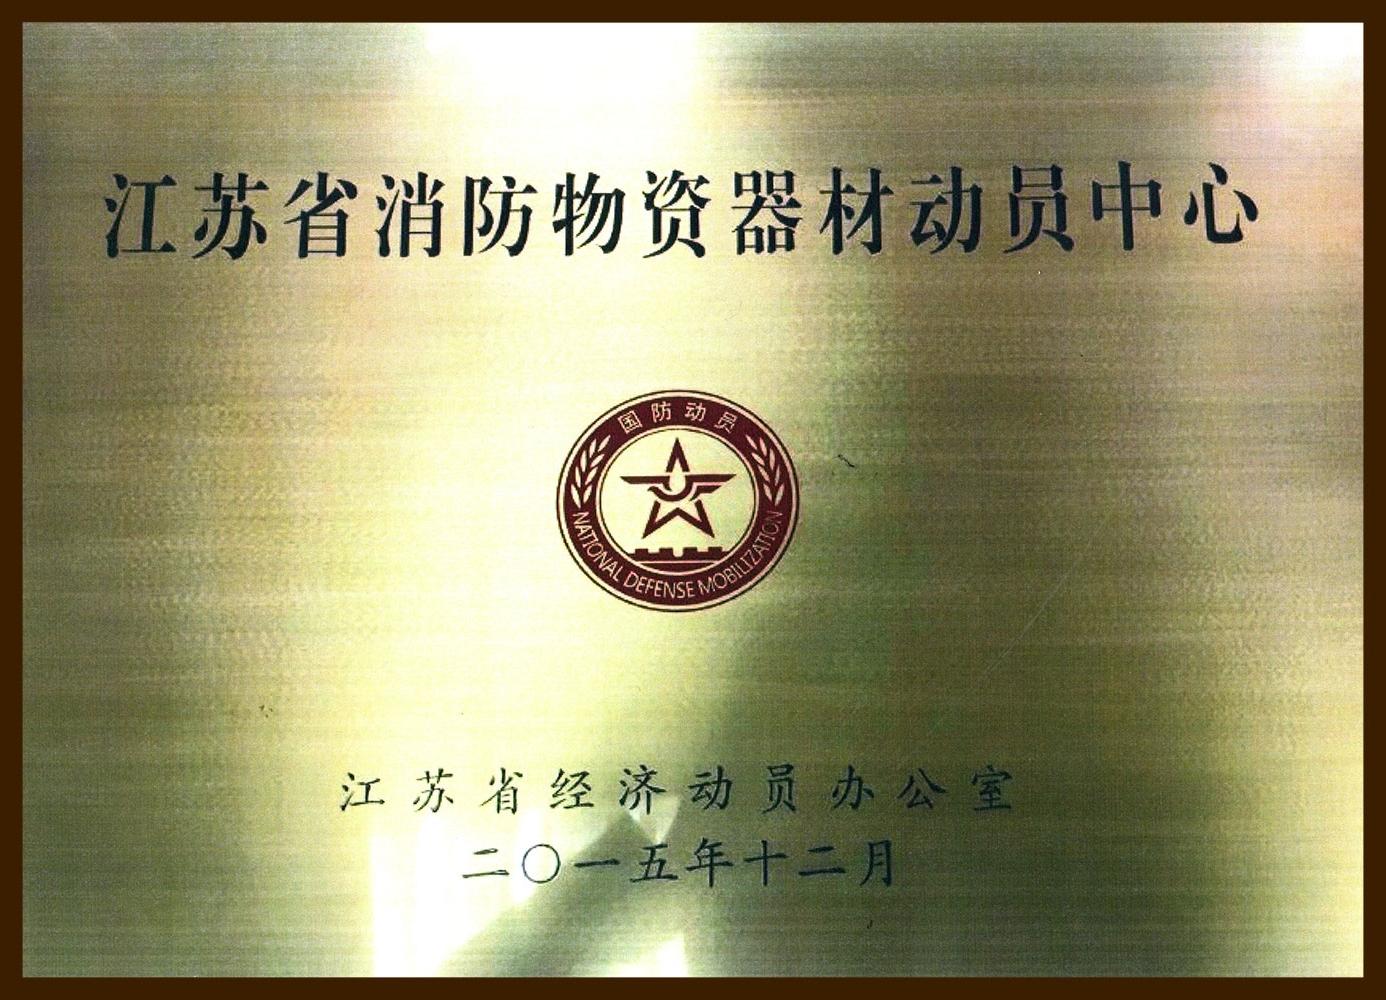 江苏省消防物资器材动员中心